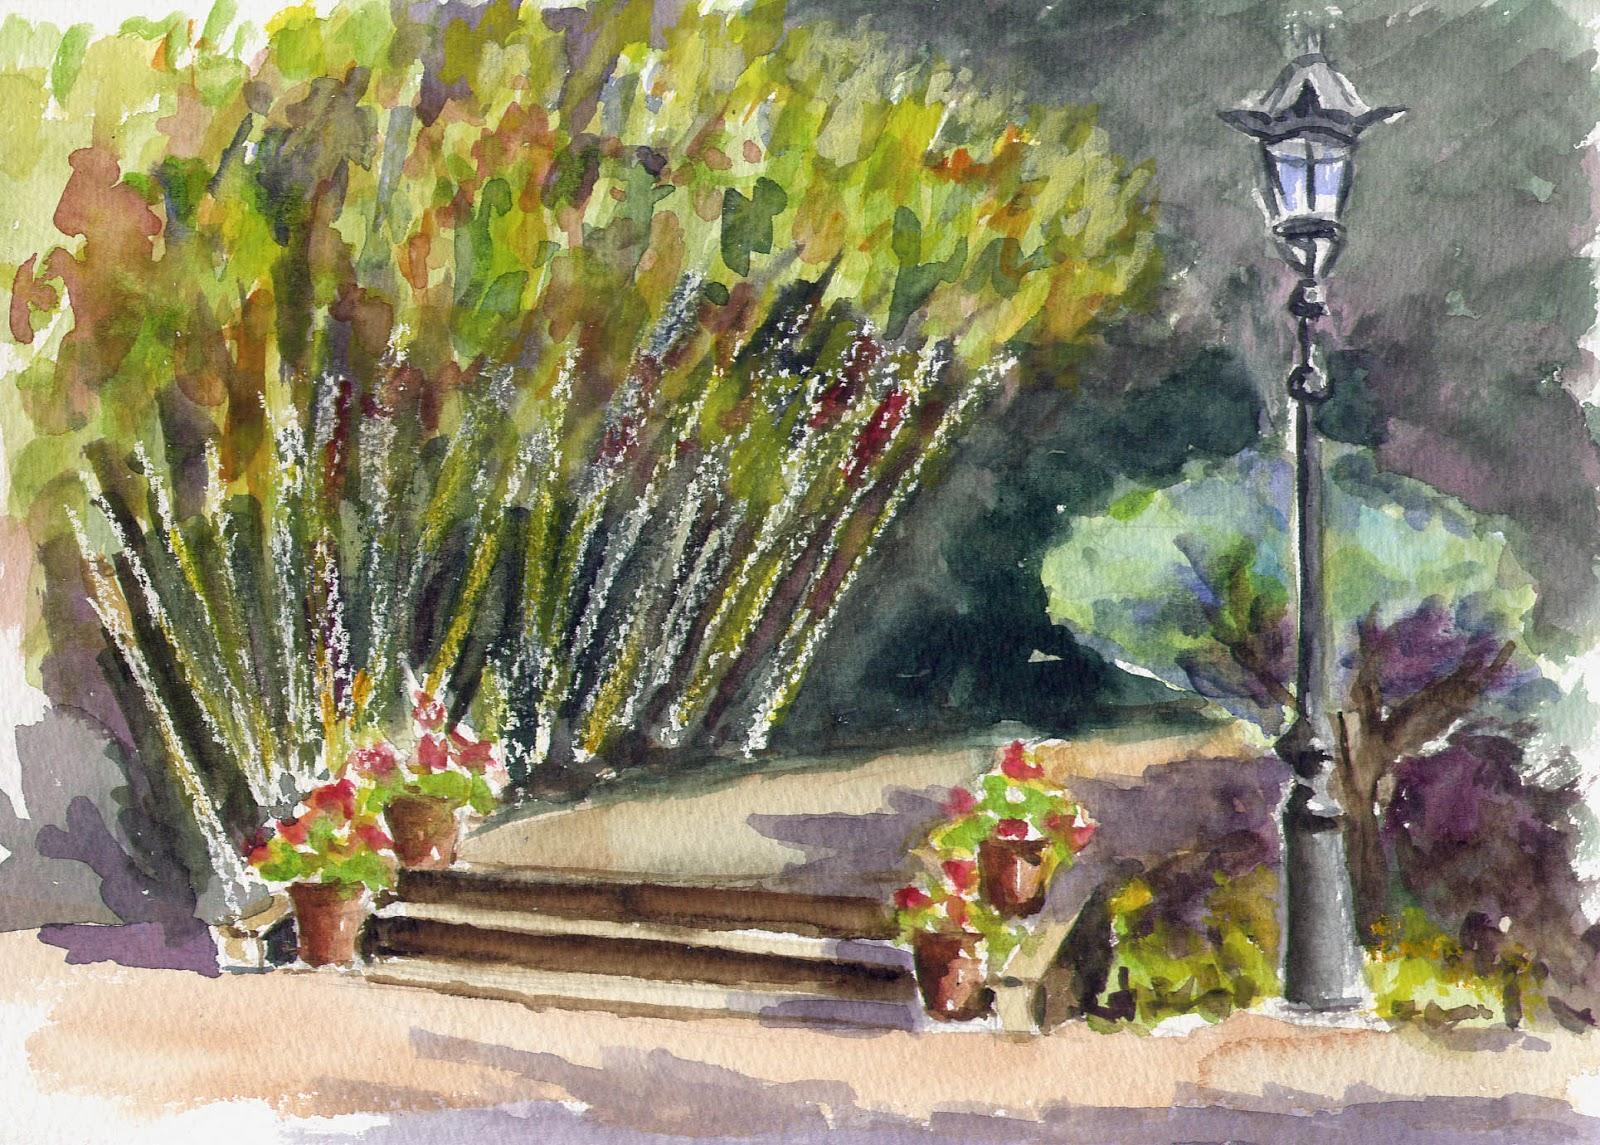 La colla dels dimecres jardins del palau - Jardins del palau ...